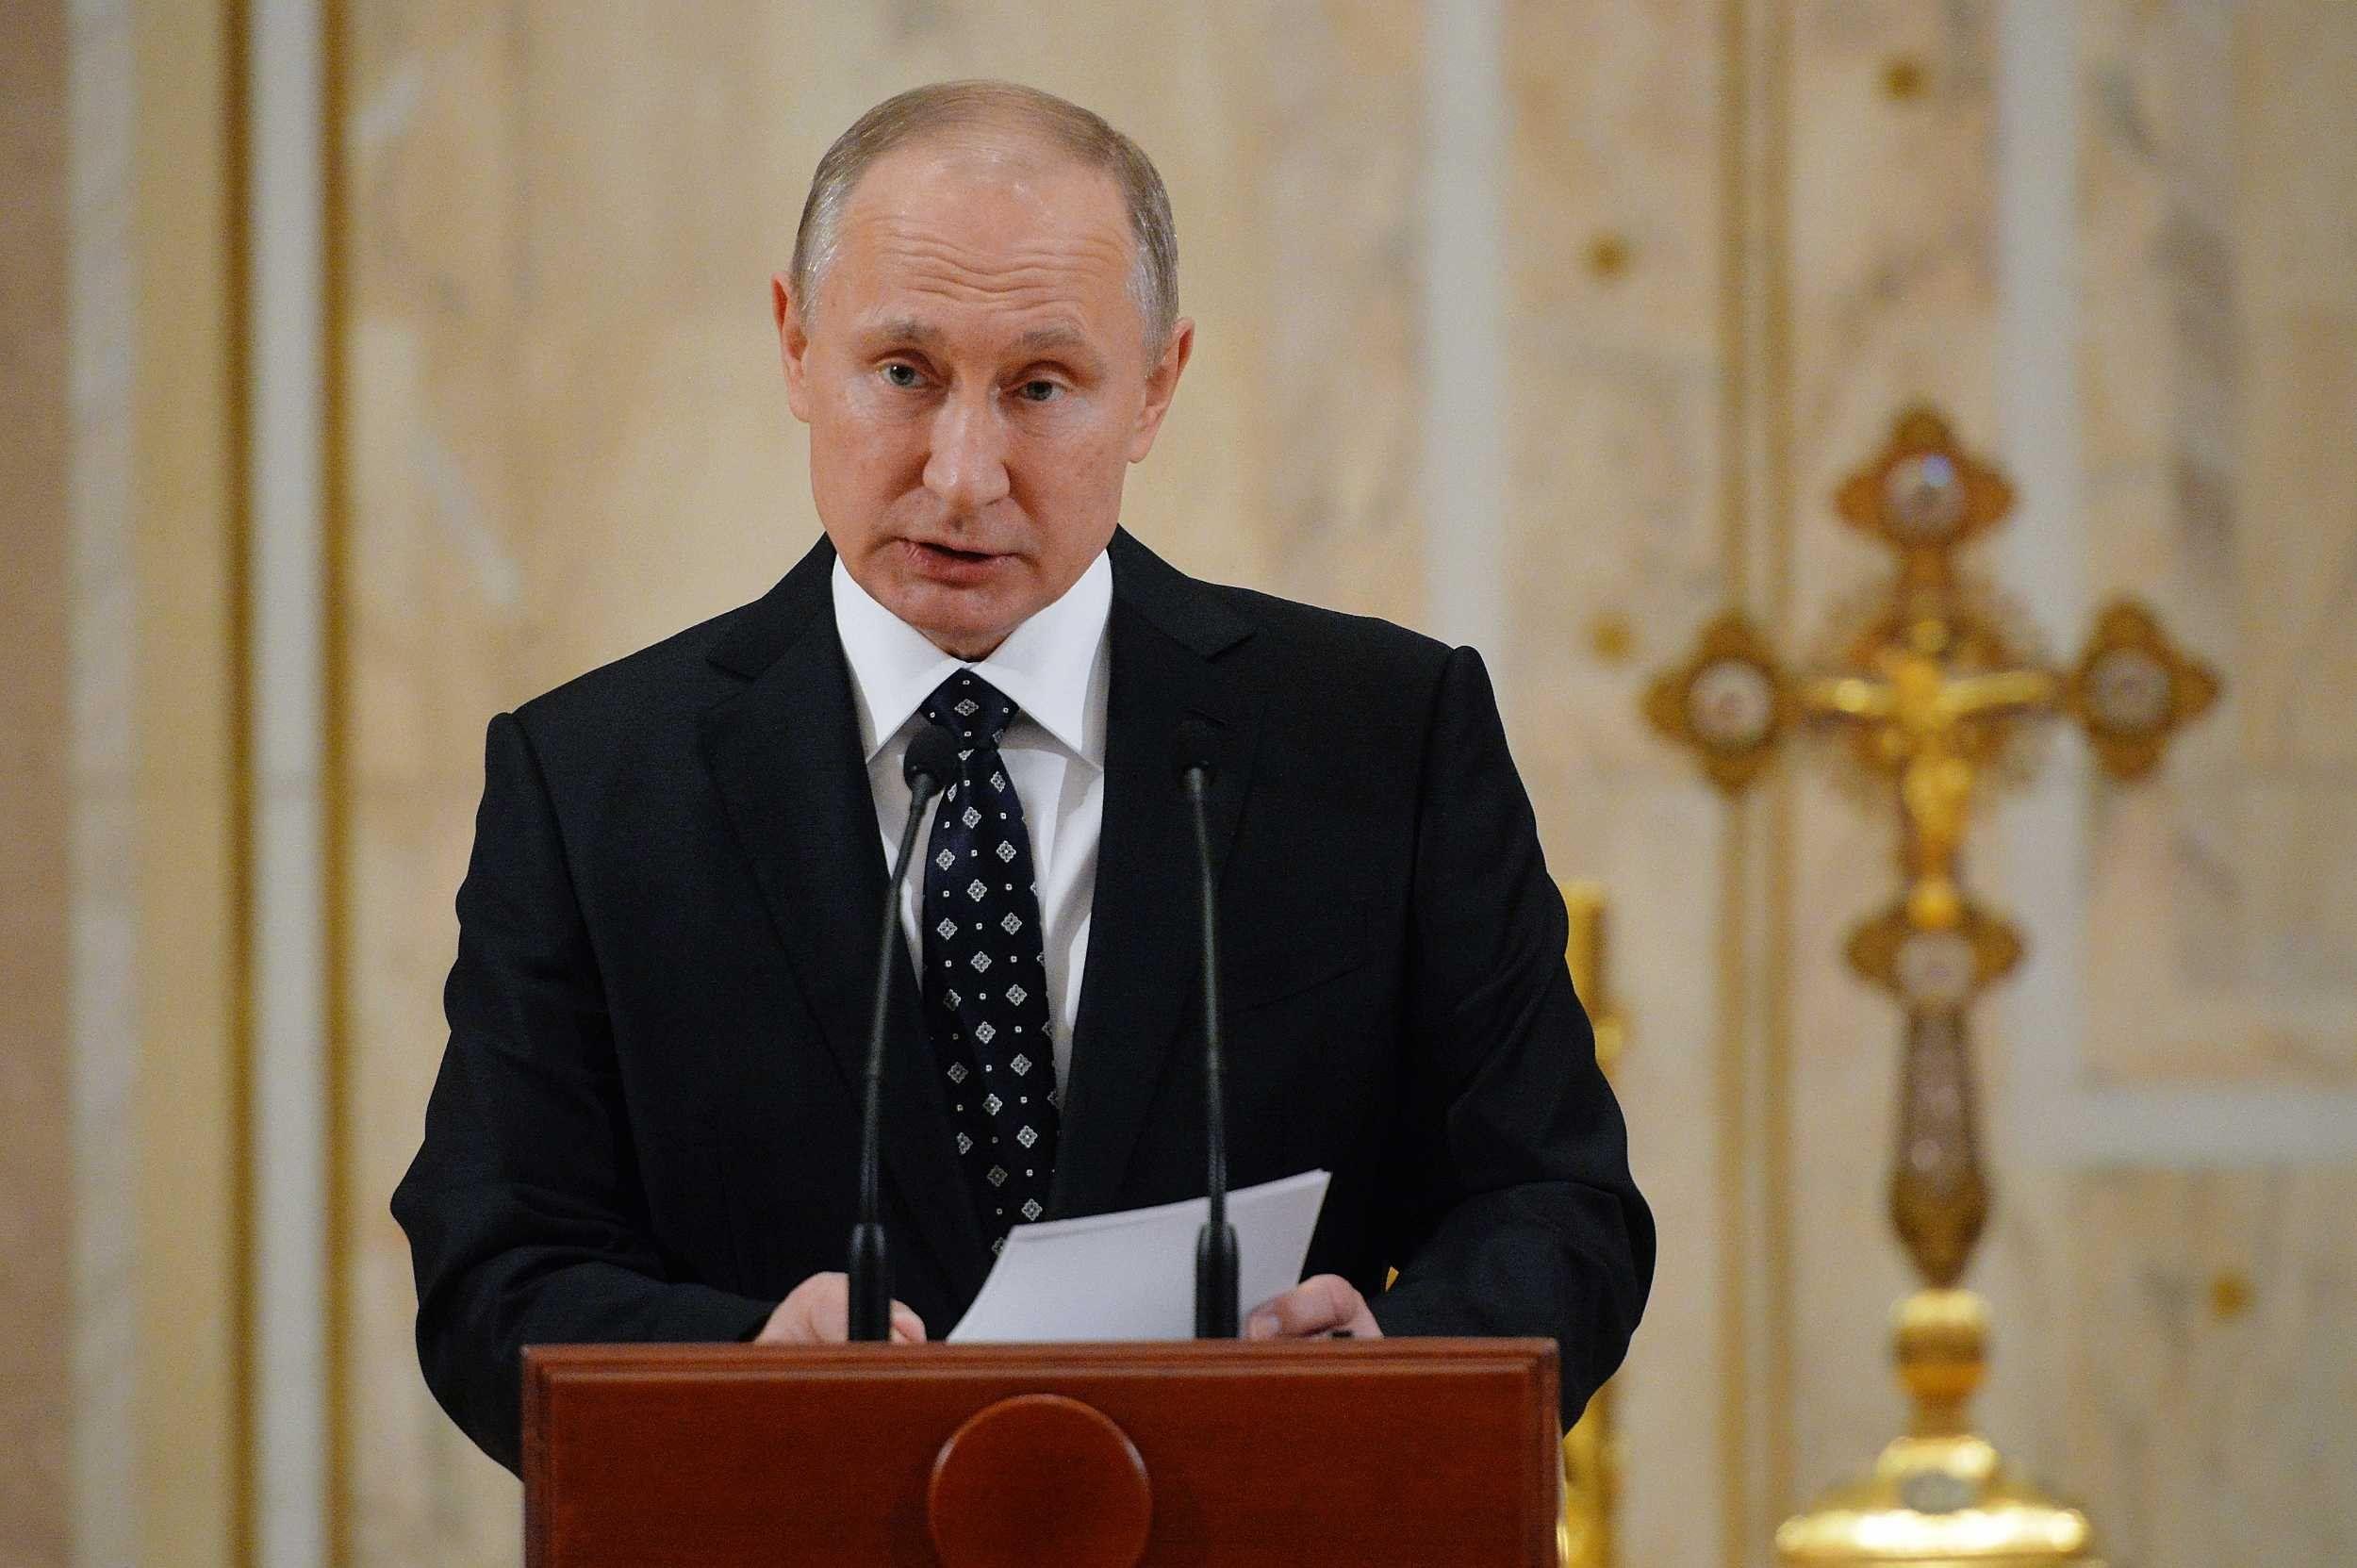 Владимир Путин принял решение участвовать ввыборах лидера России